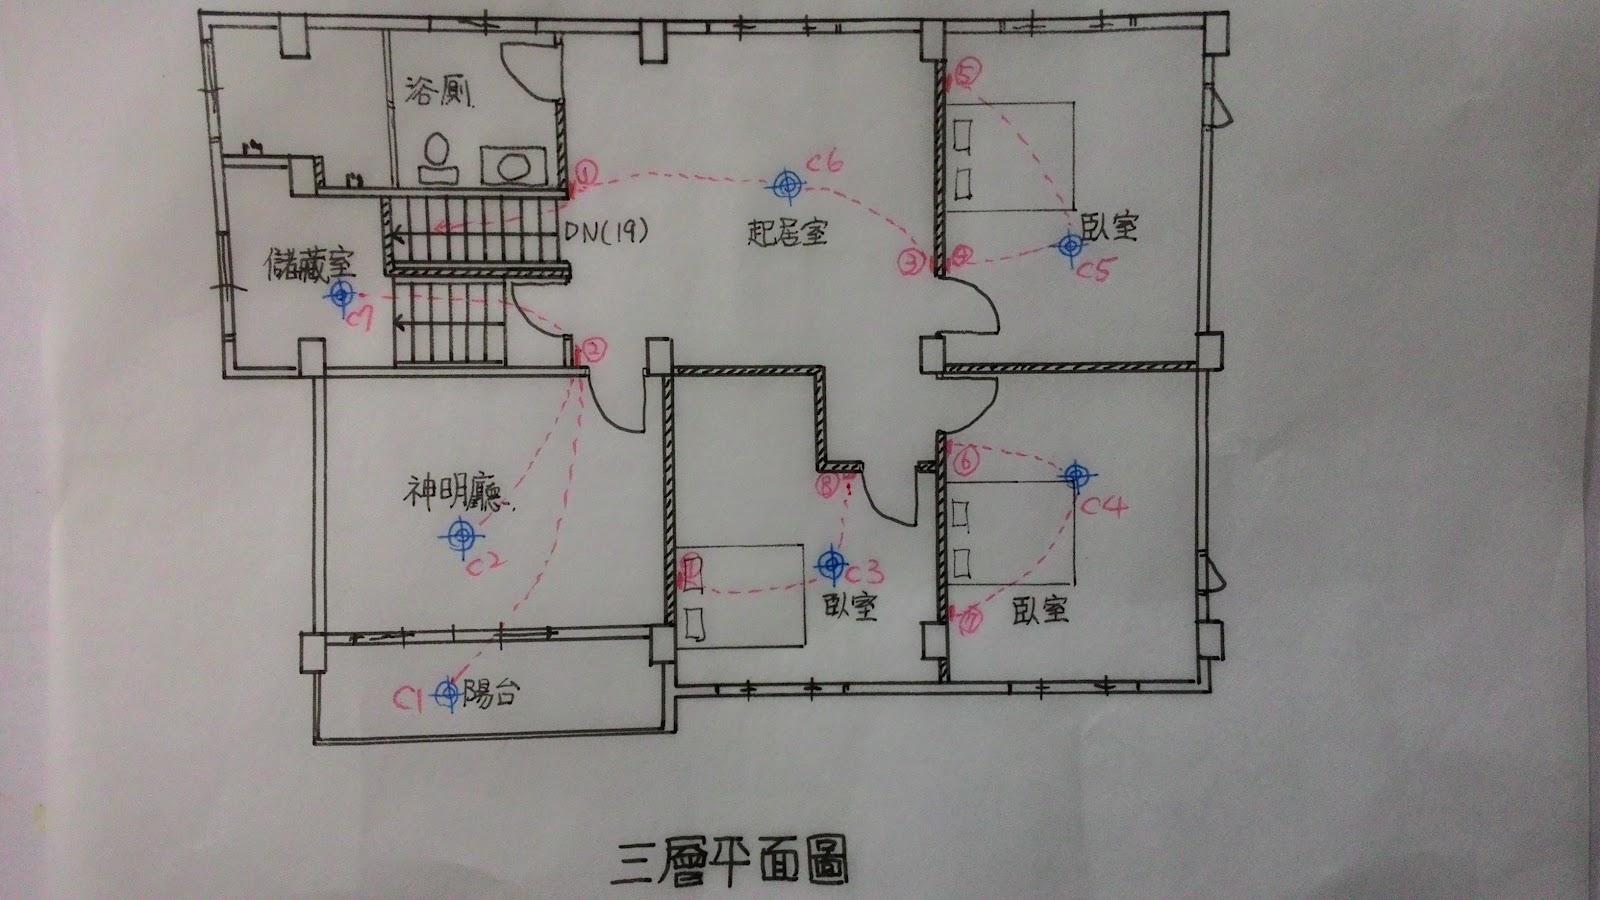 水電配置規畫(四):三樓空間之管路規劃與注意事項104.03.07 @ 淨荷創藝坊 :: 痞客邦